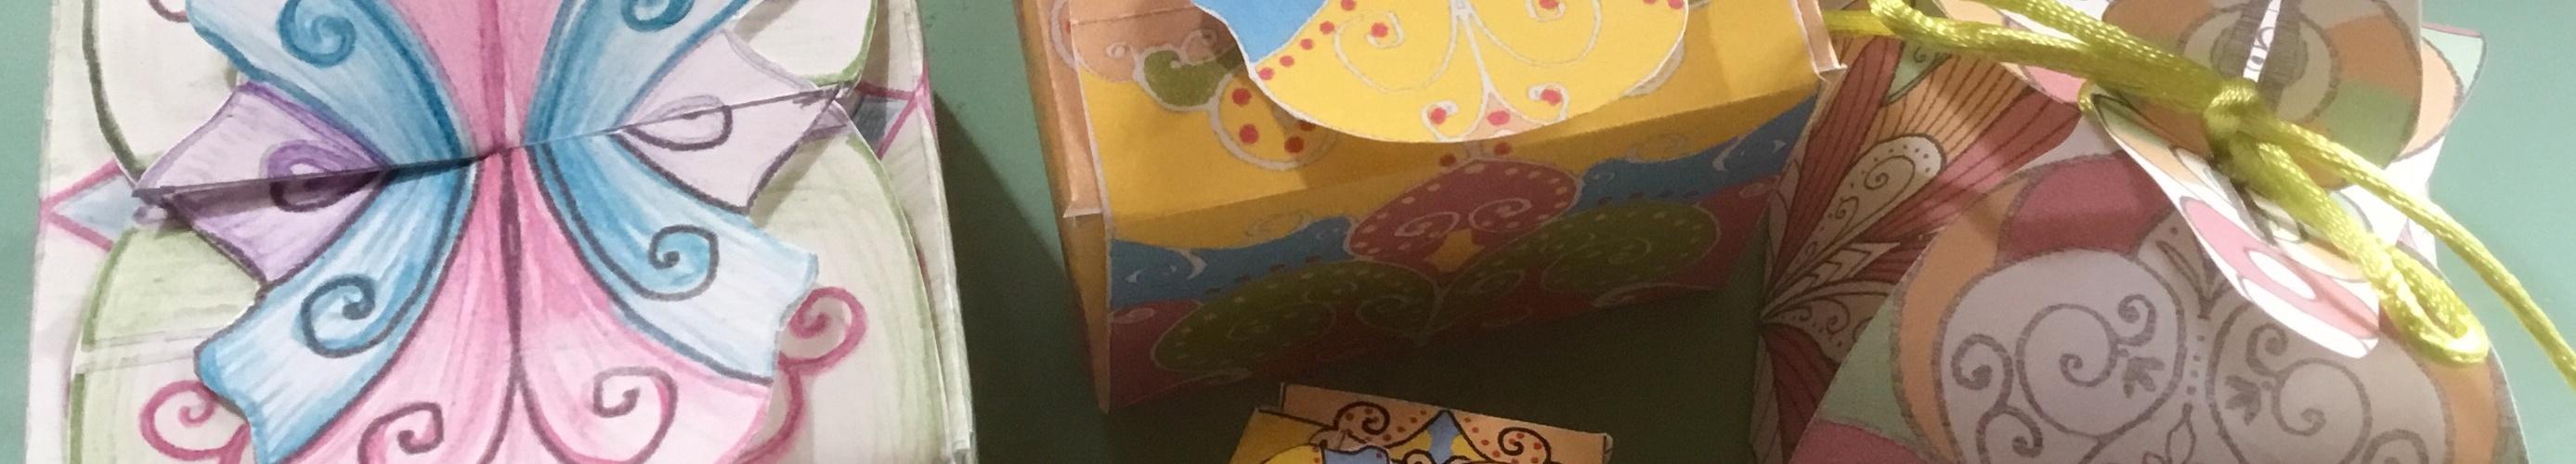 Individuell gestaltete Geschenkboxen zum freien Download, Ausdrucken und Ausschneiden